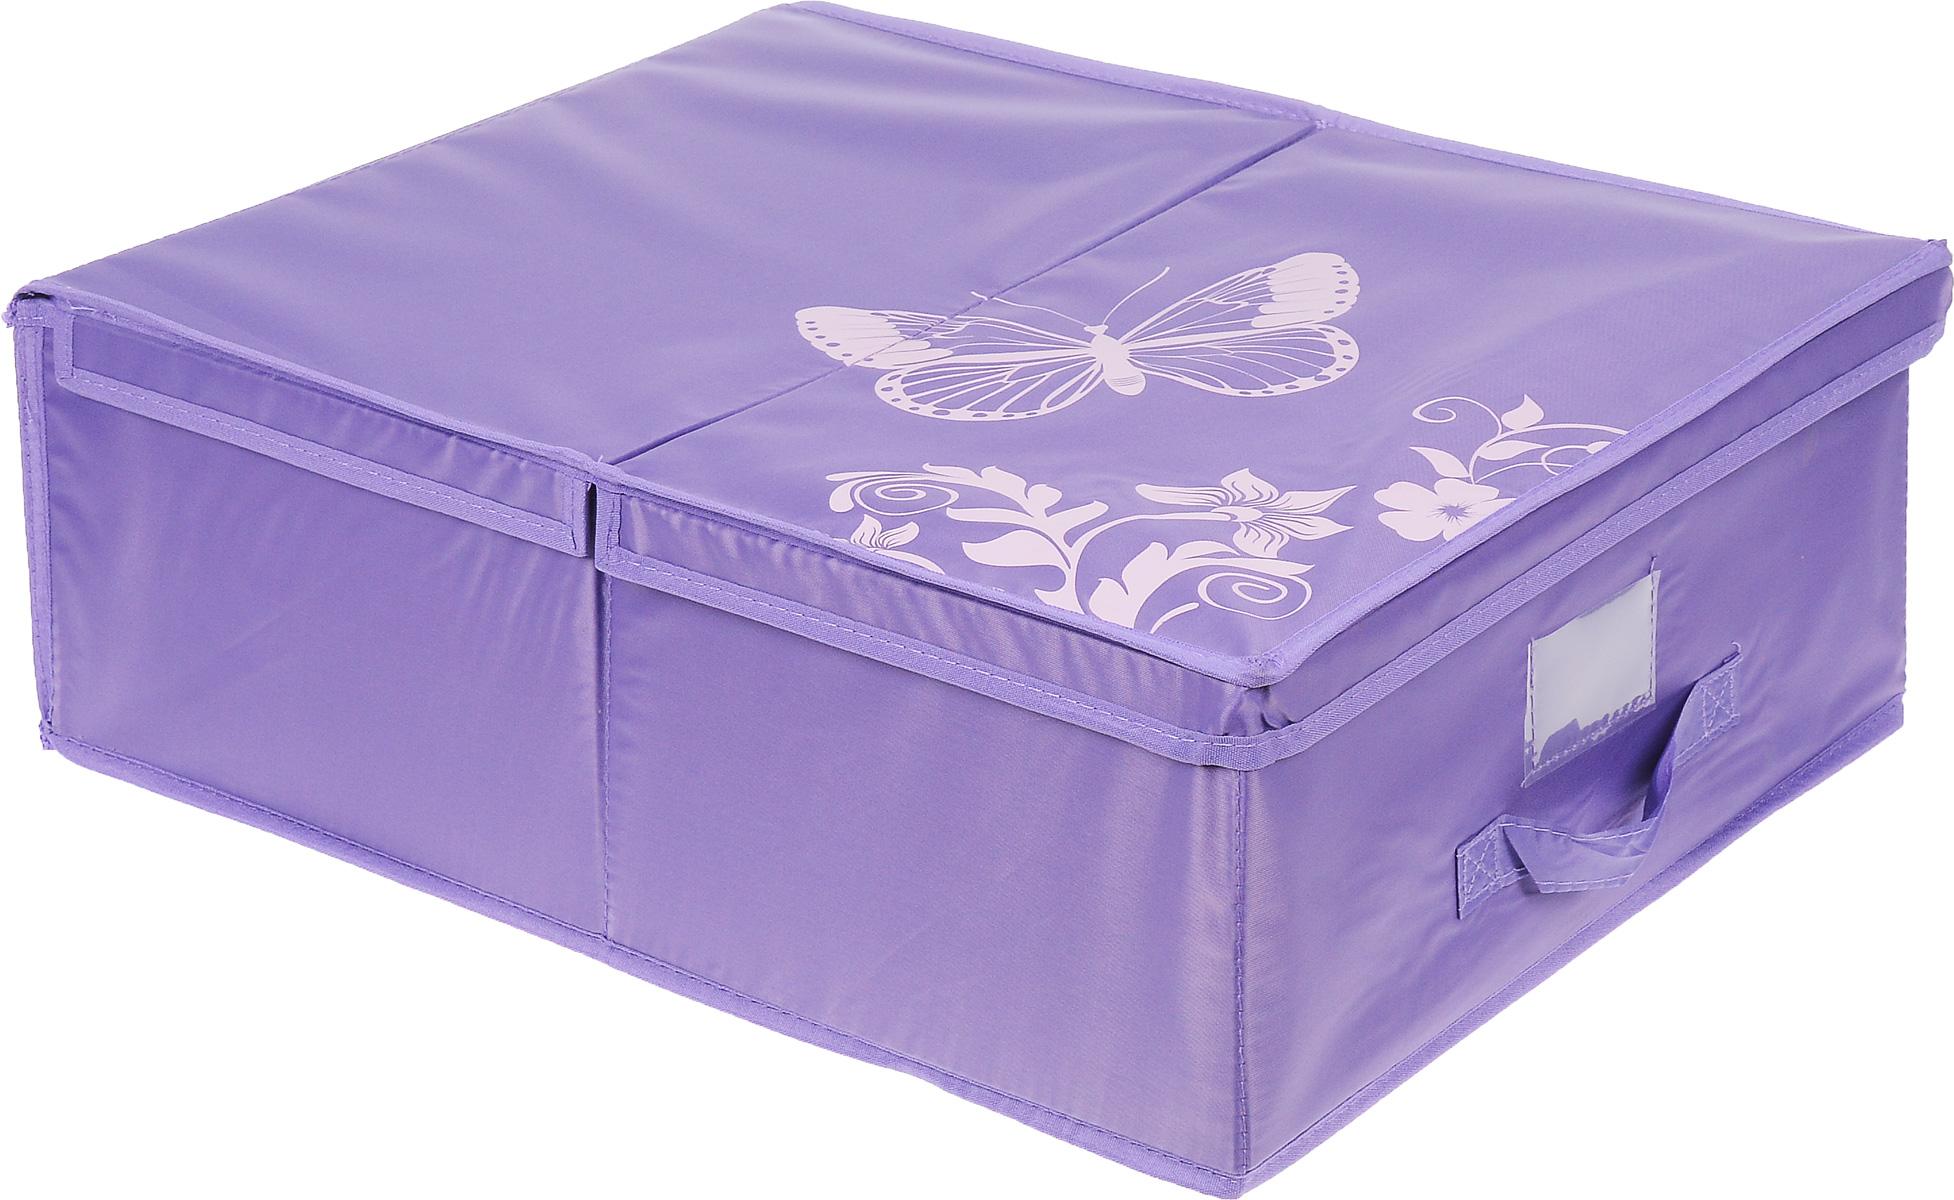 Кофр подкроватный Hausmann Butterfly, цвет: фиолетовый, 43 см х 54 см х 18 см4P-103-4С_фиолетовыйПодкроватный кофр для хранения Hausmann Butterfly поможет легко организоватьпространство в шкафу или в гардеробе, компактные формы позволяют хранить его подкроватью. Изделие выполнено из нетканого материала и полиэстера с защитой от пыли.Кофр держит форму благодаря жесткой вставке из картона, которая устанавливается на дно.Боковая поверхность оформлена красивым принтом. Имеется ручка, крышка и прозрачныйкарман для пометки содержимого. В таком кофре удобно хранить одежду, текстиль иразличные аксессуары.